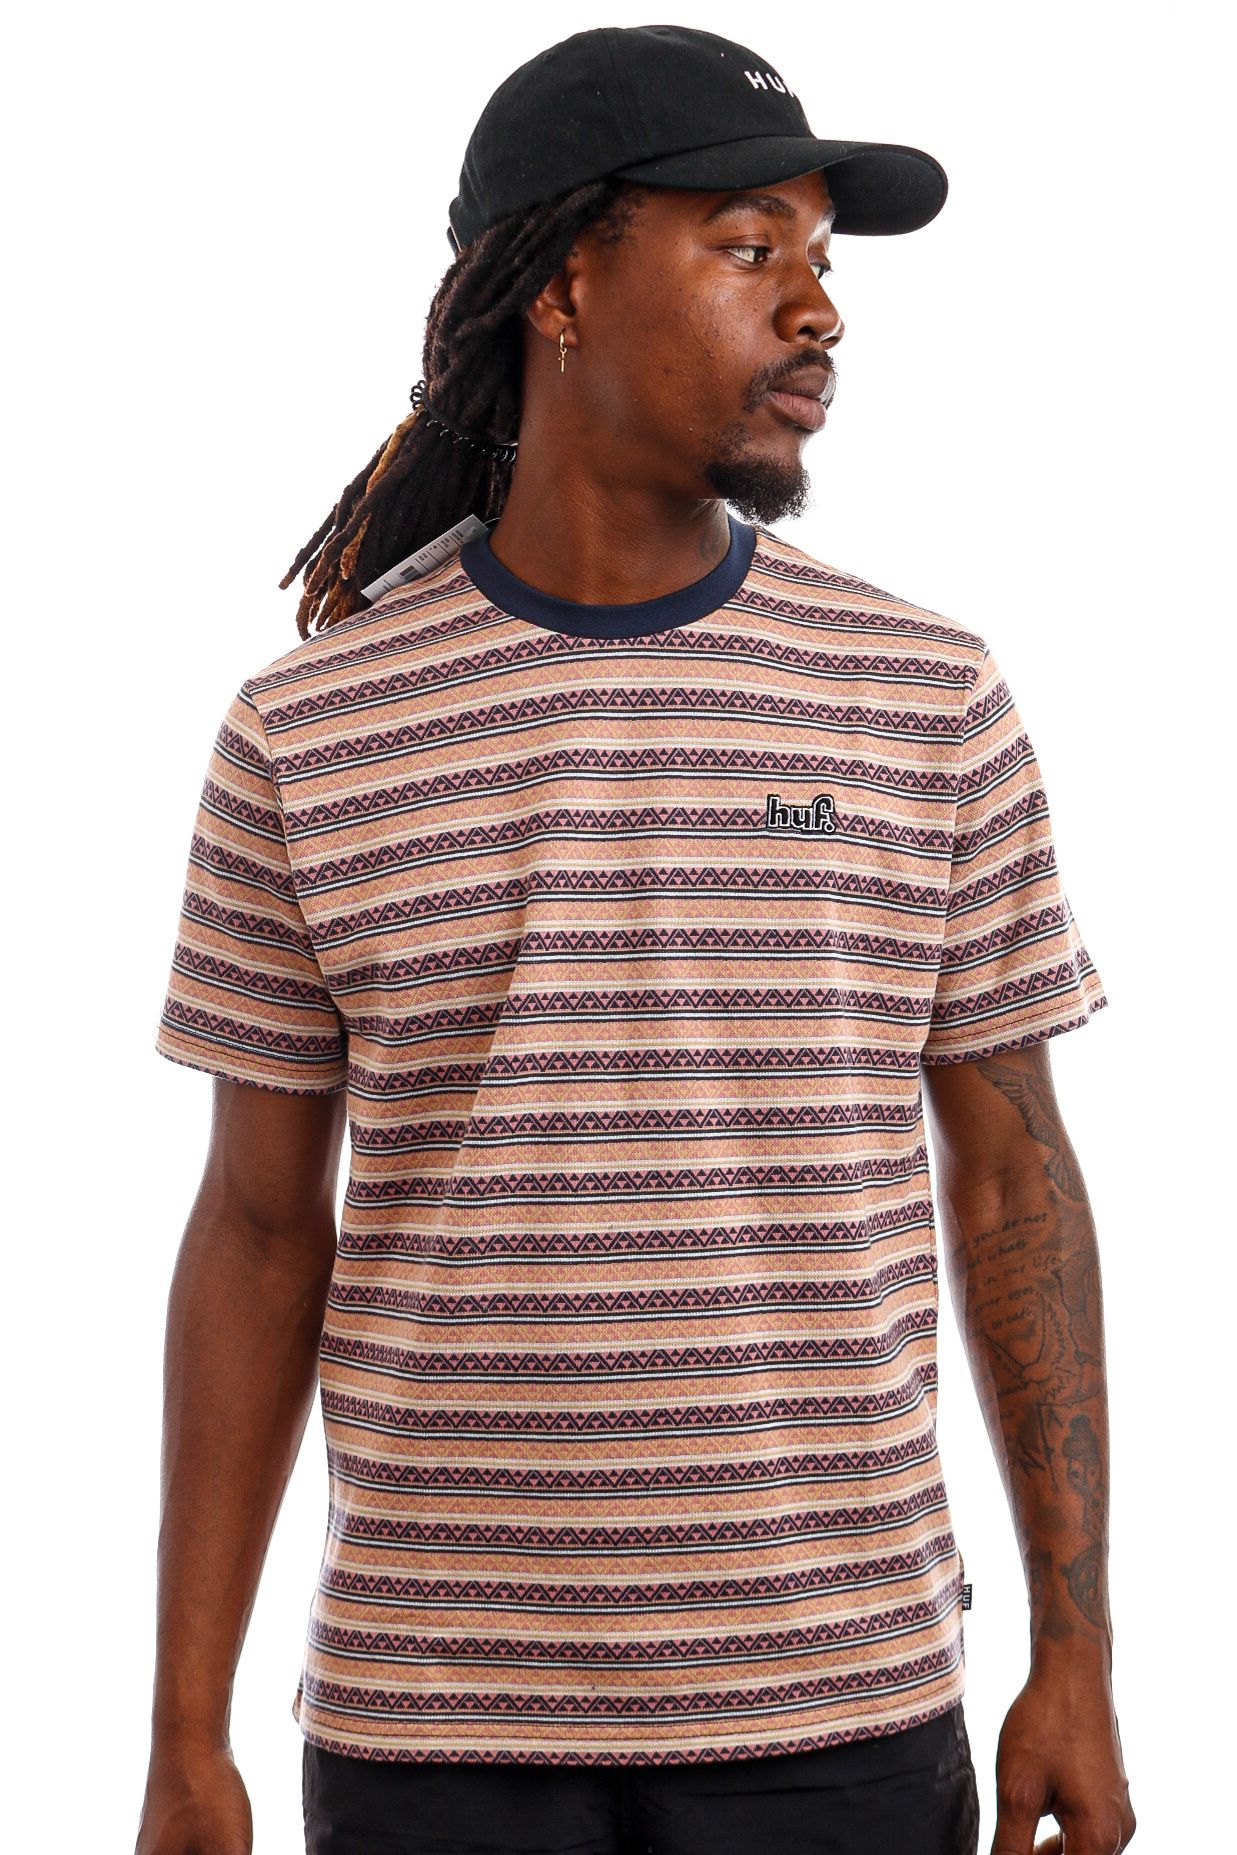 Afbeelding van HUF T-Shirt HUF ALLEN S/S KNIT Dusty Rose KN00289